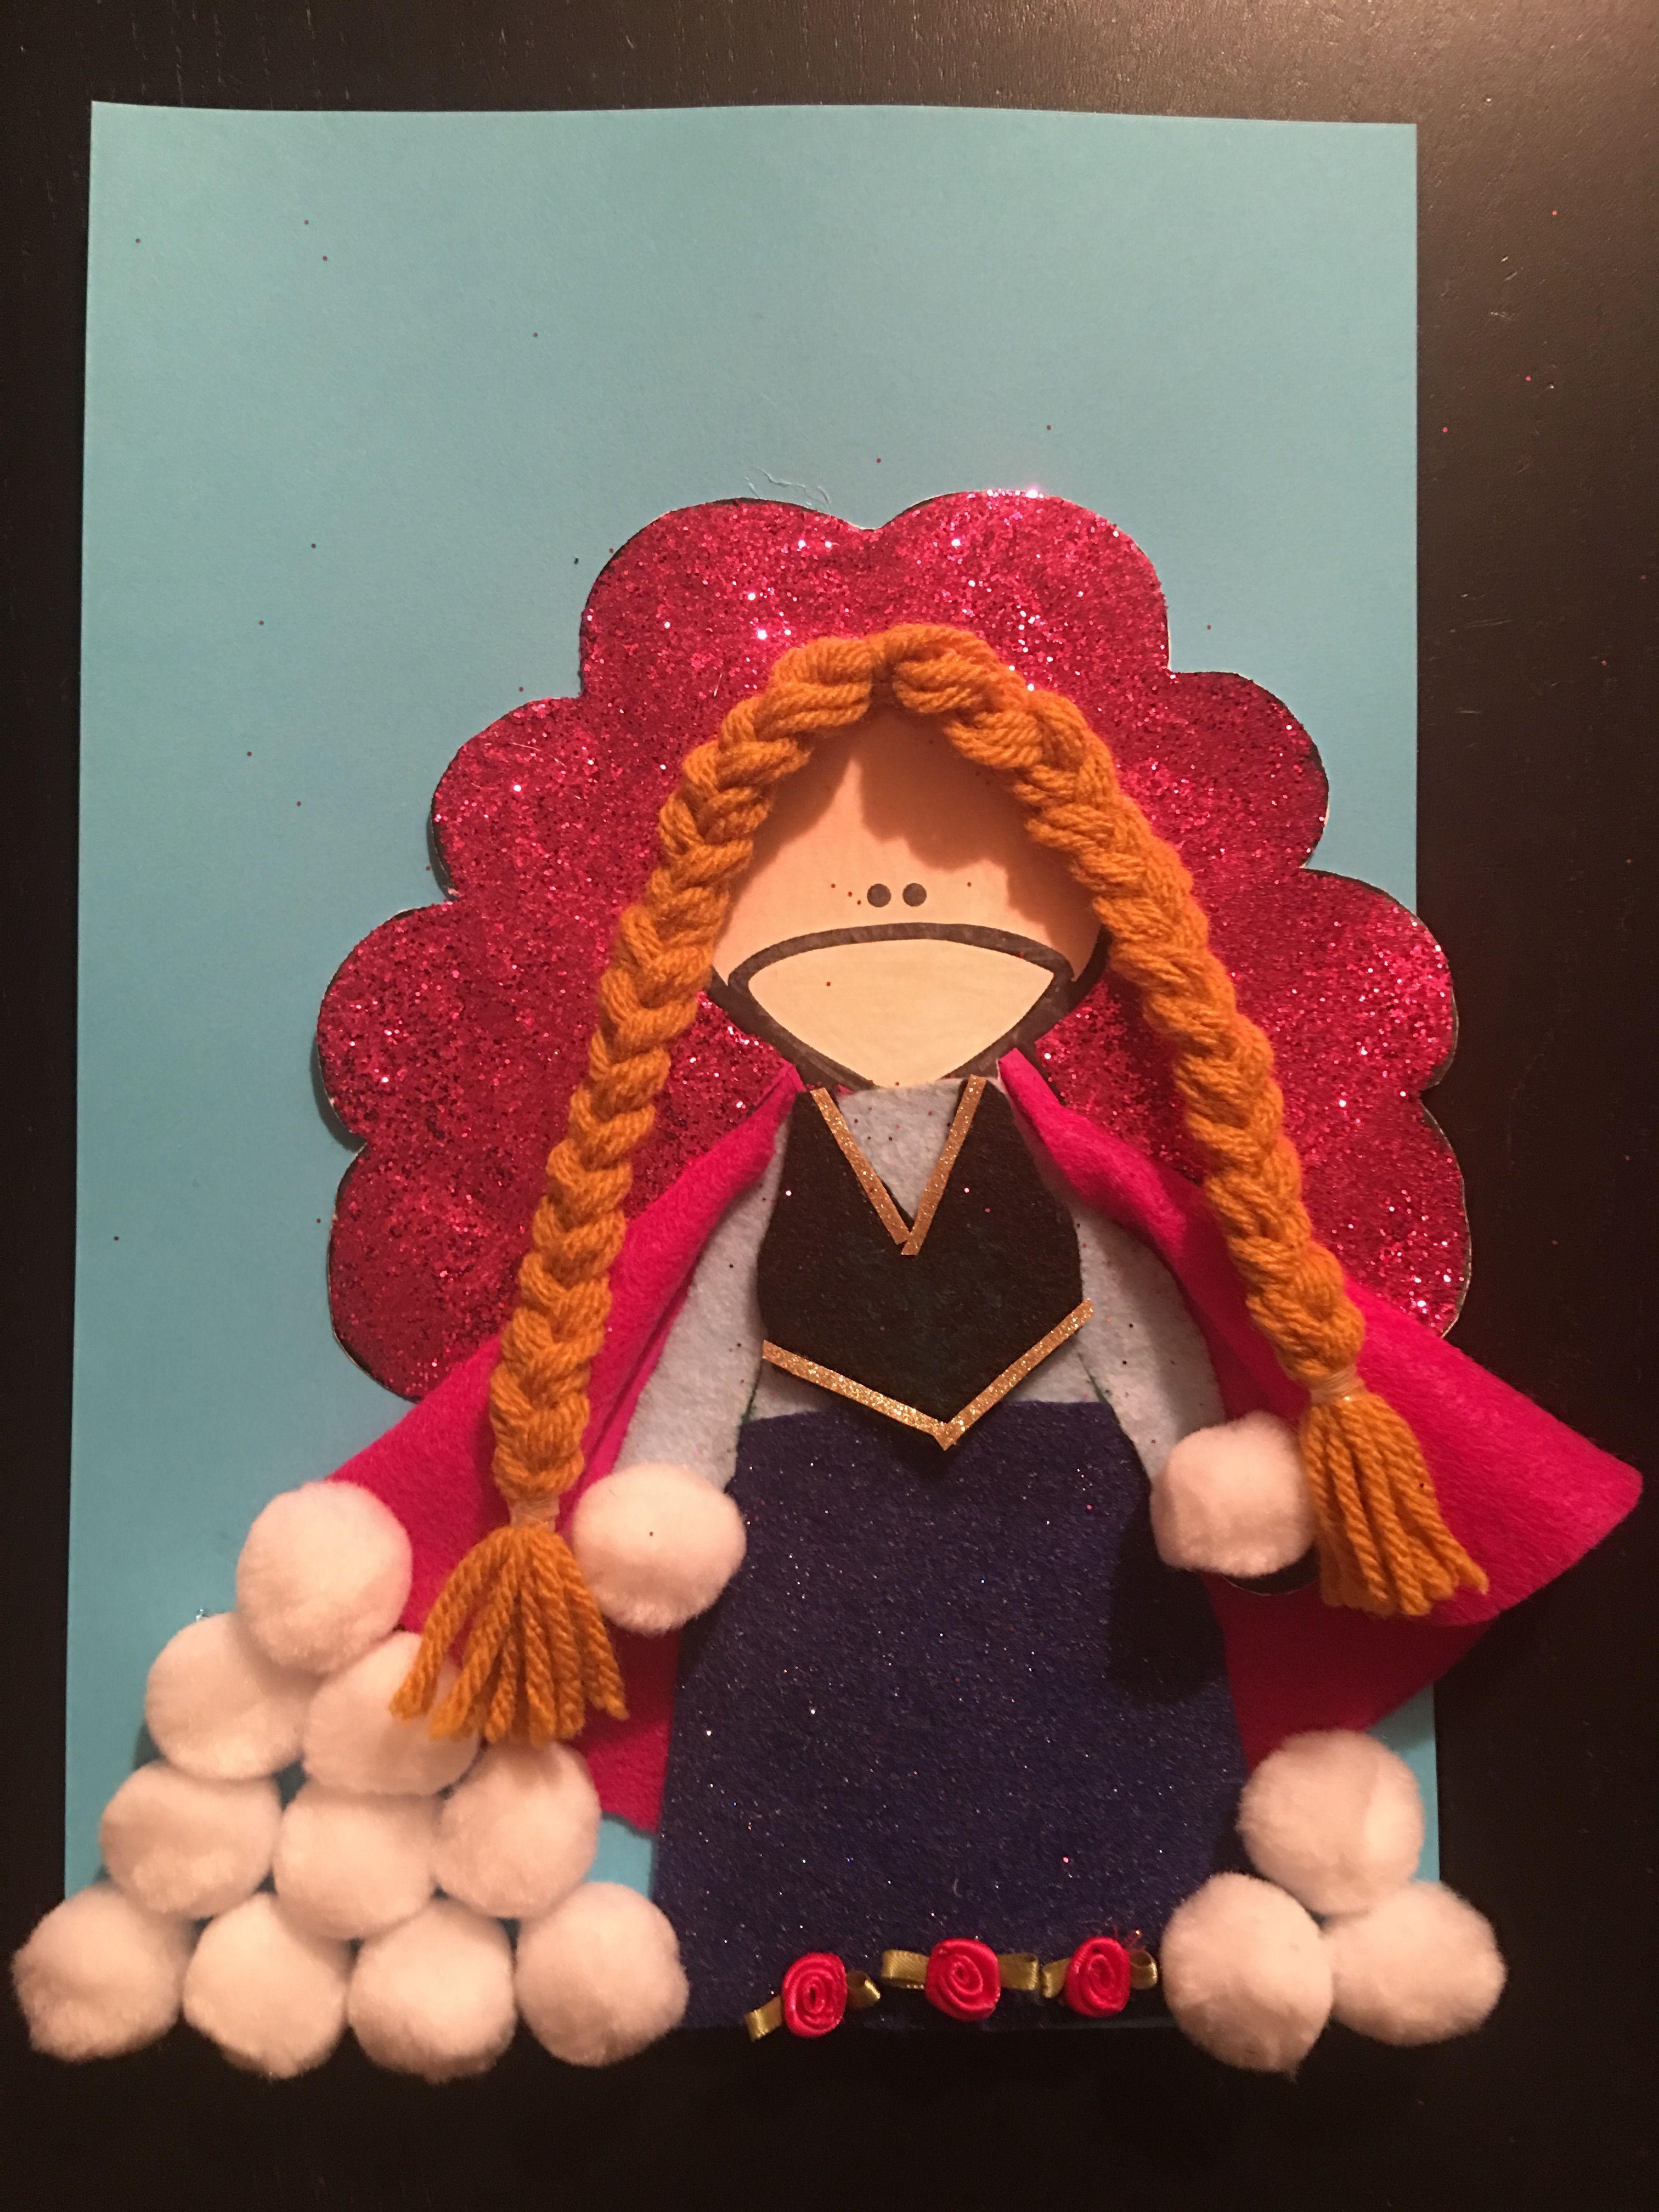 Disguise a turkey project- Princess Anna #turkeydisguiseprojectideaskid Disguise a turkey project- Princess Anna #disguiseaturkey Disguise a turkey project- Princess Anna #turkeydisguiseprojectideaskid Disguise a turkey project- Princess Anna #disguiseaturkey Disguise a turkey project- Princess Anna #turkeydisguiseprojectideaskid Disguise a turkey project- Princess Anna #disguiseaturkey Disguise a turkey project- Princess Anna #turkeydisguiseprojectideaskid Disguise a turkey project- Princess An #turkeyprojectsforkids